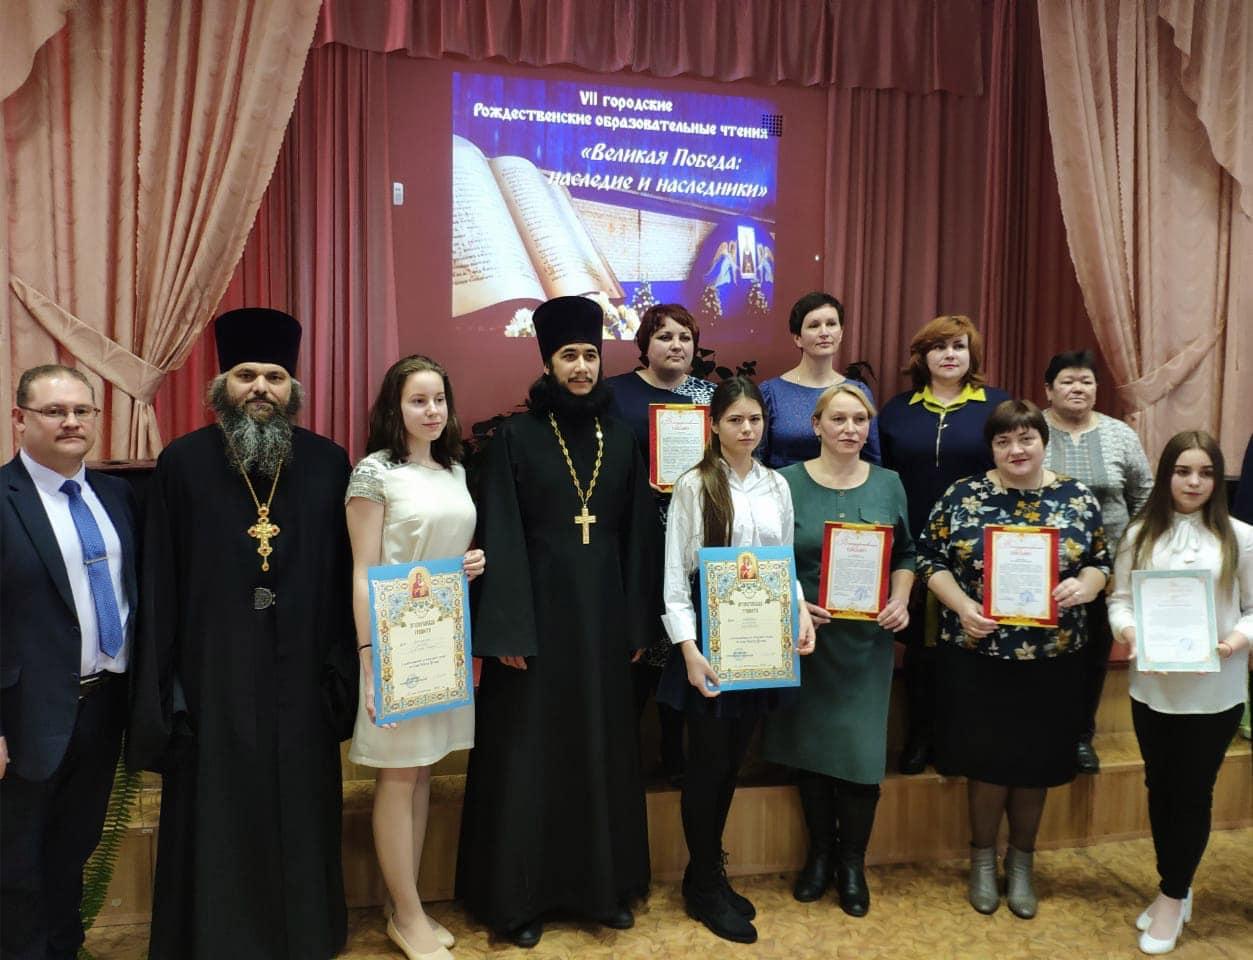 Рождественские чтения прошли в городе Мценске